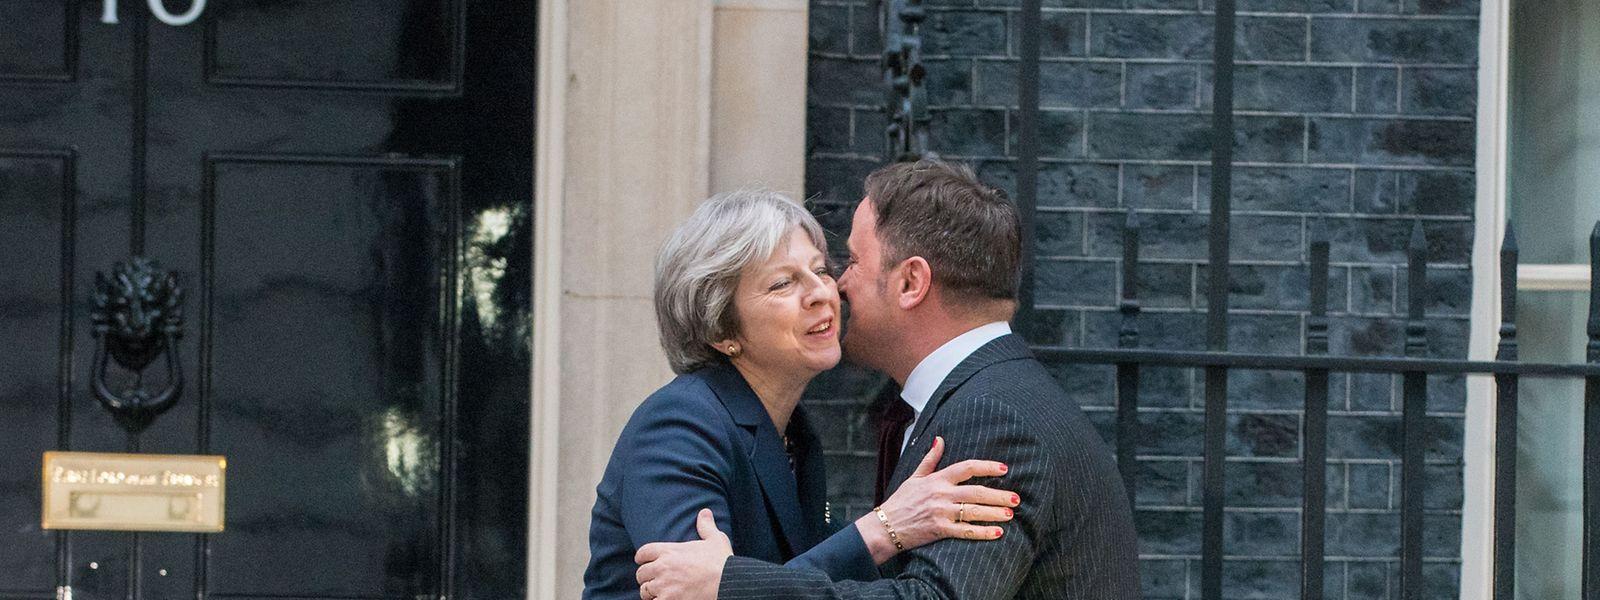 Theresa May und Xavier Bettel haben bei einem bevorstehenden Freihandelsabkommen in Bezug auf Finanzdienstleistungen ähnliche Interessen.